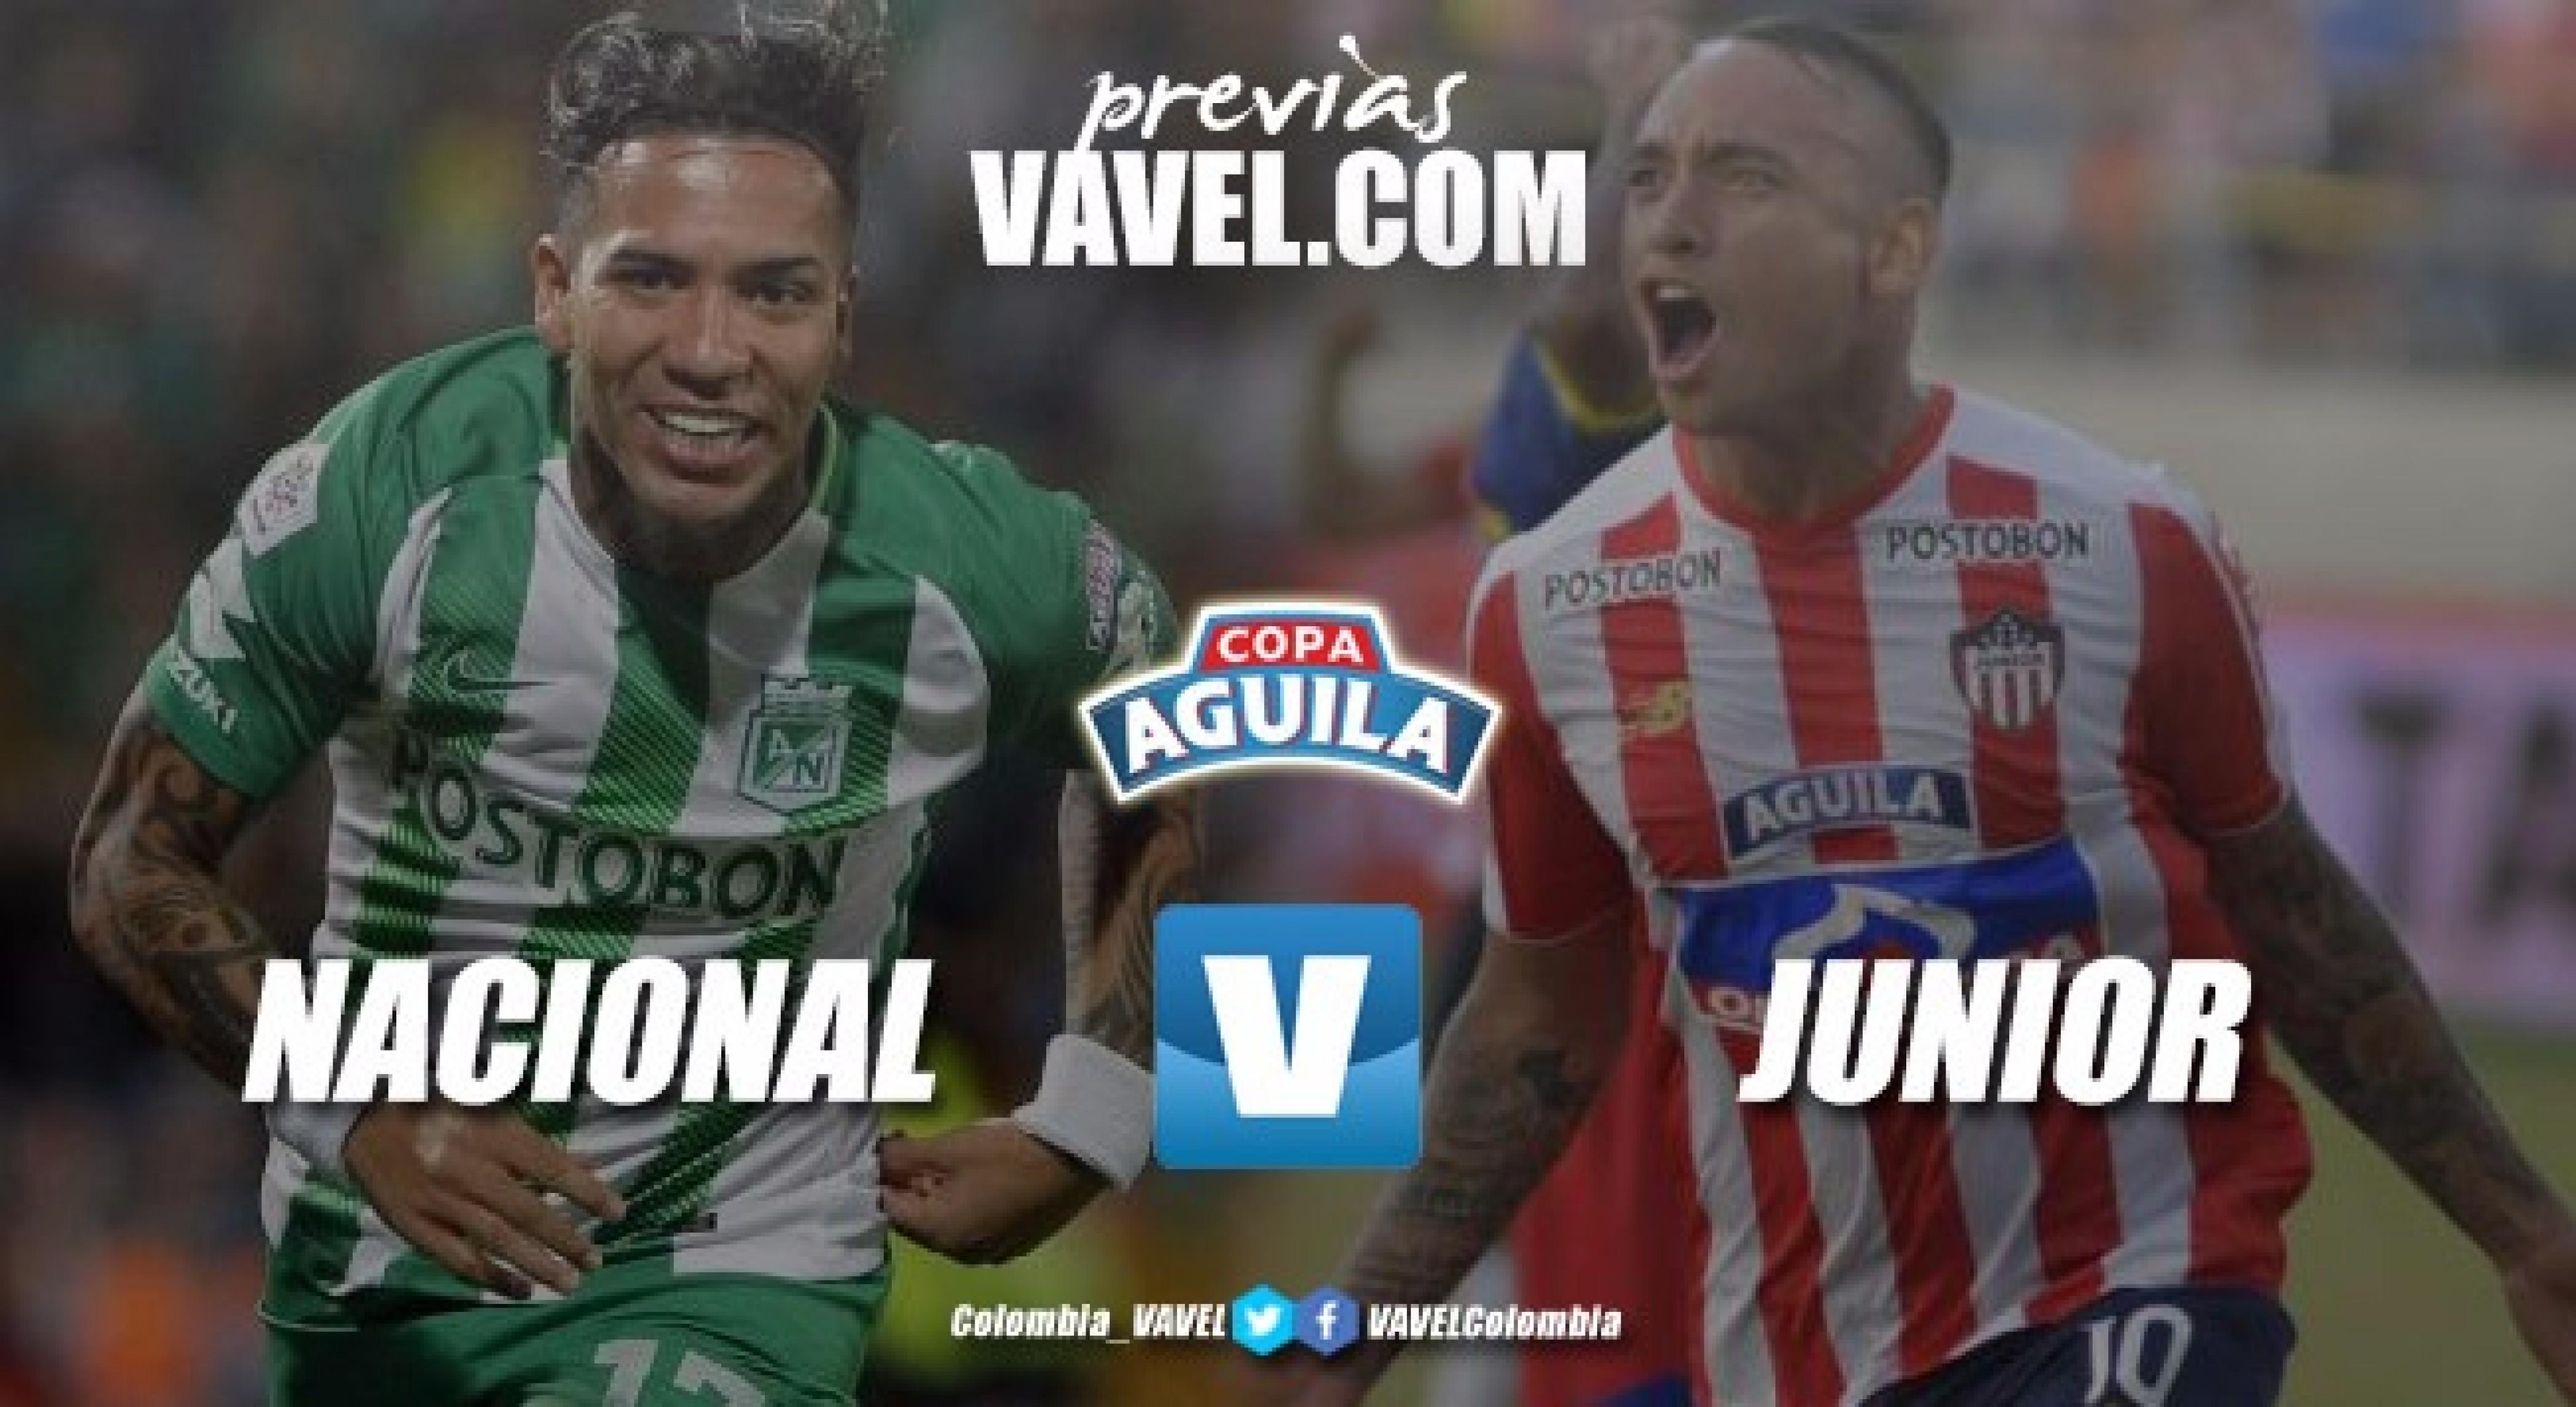 Previa Atlético Nacional Vs Junior de Barranquilla: Primer capítulo para un duelo de película